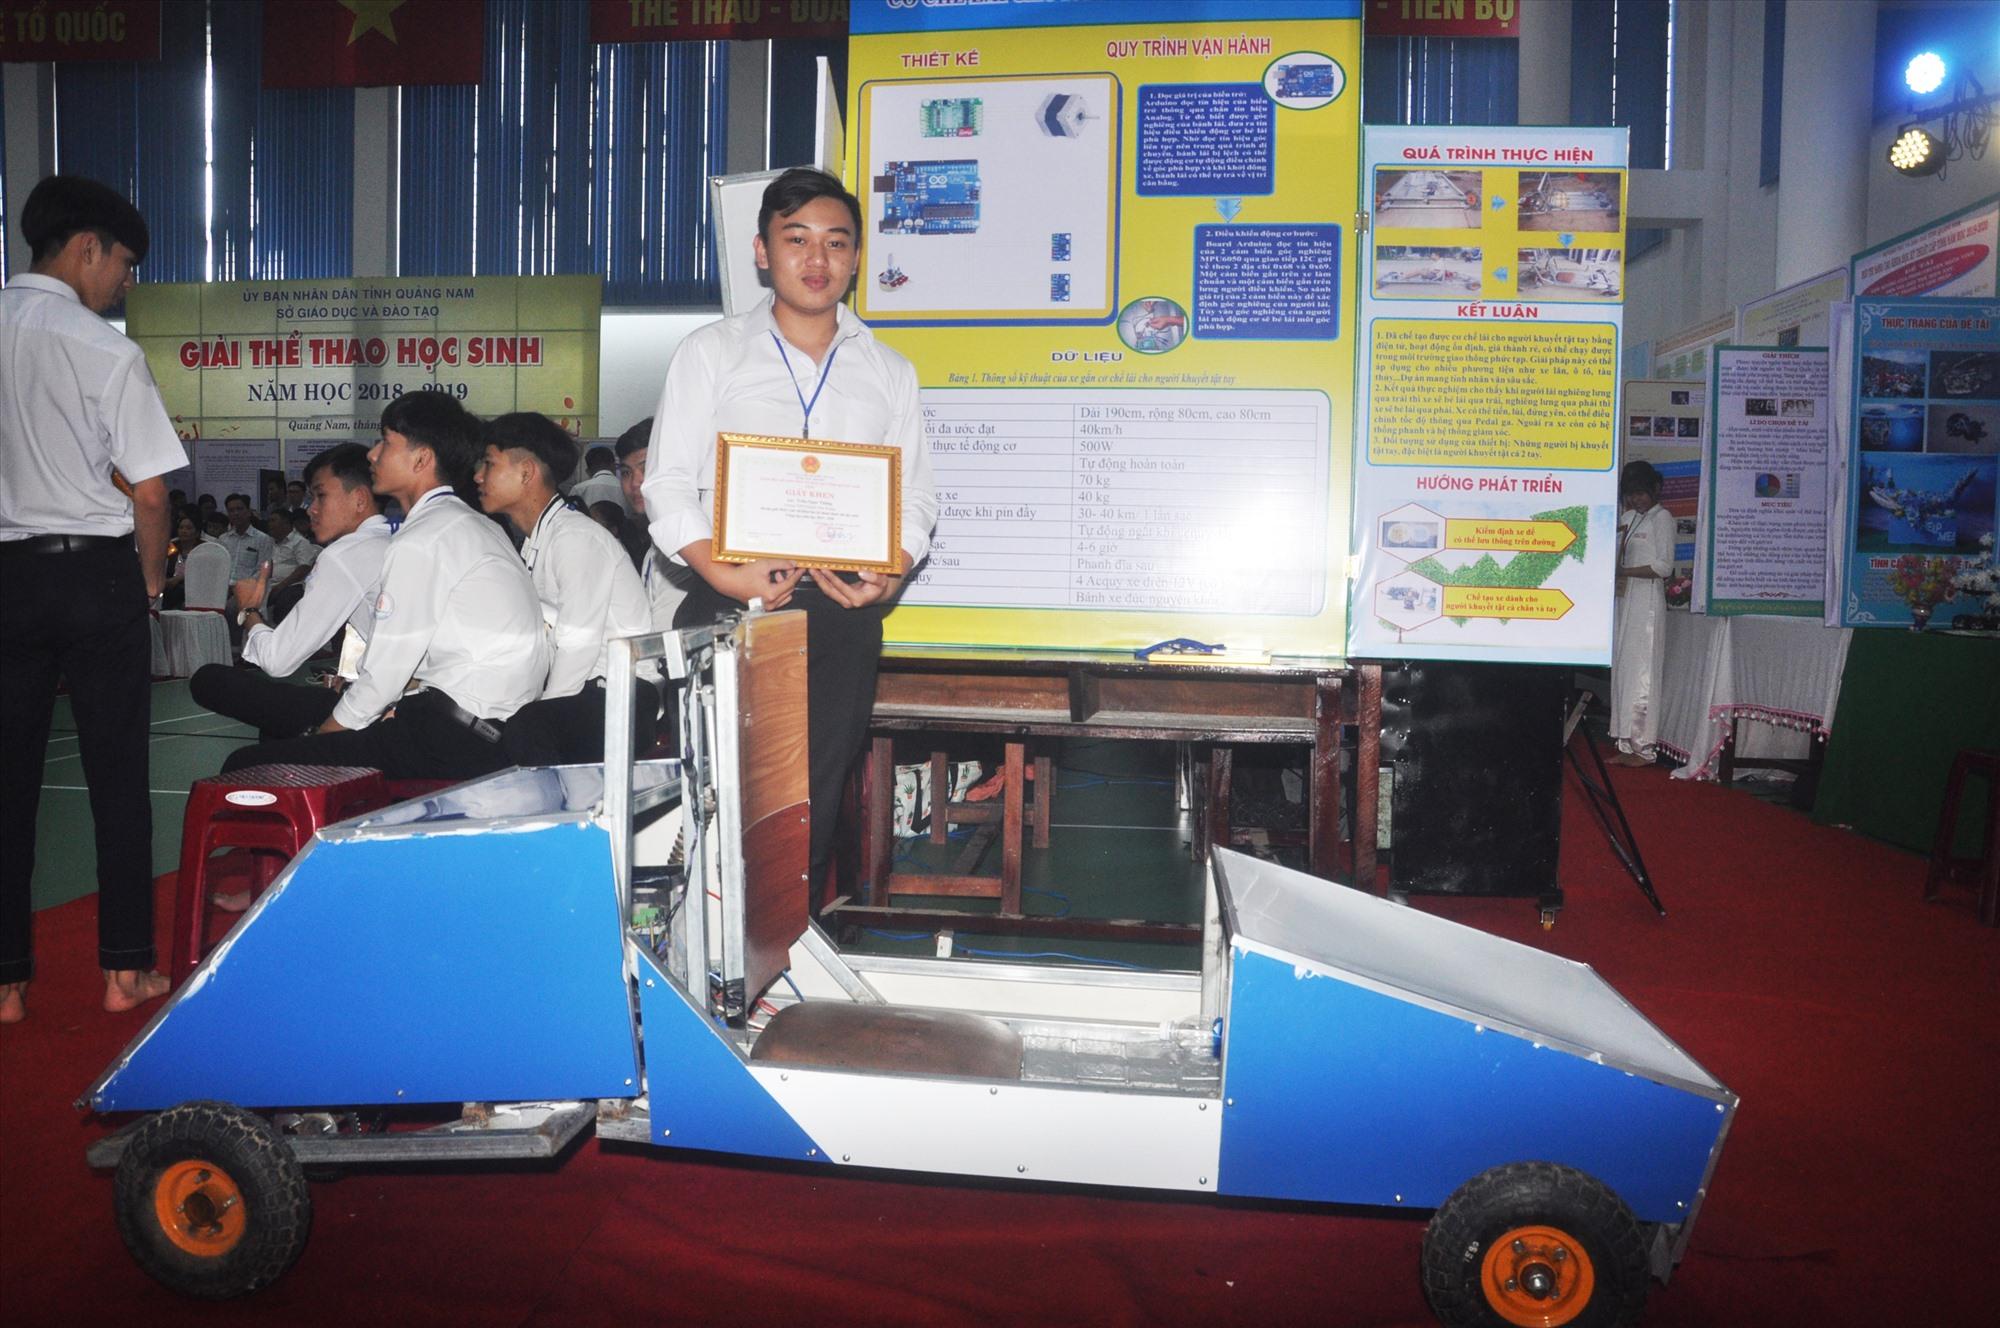 """Trần Ngọc Thắng bên dự án """"Cơ chế lái cho người khuyết tật tay"""" tại cuộc thi. Ảnh: X.P"""